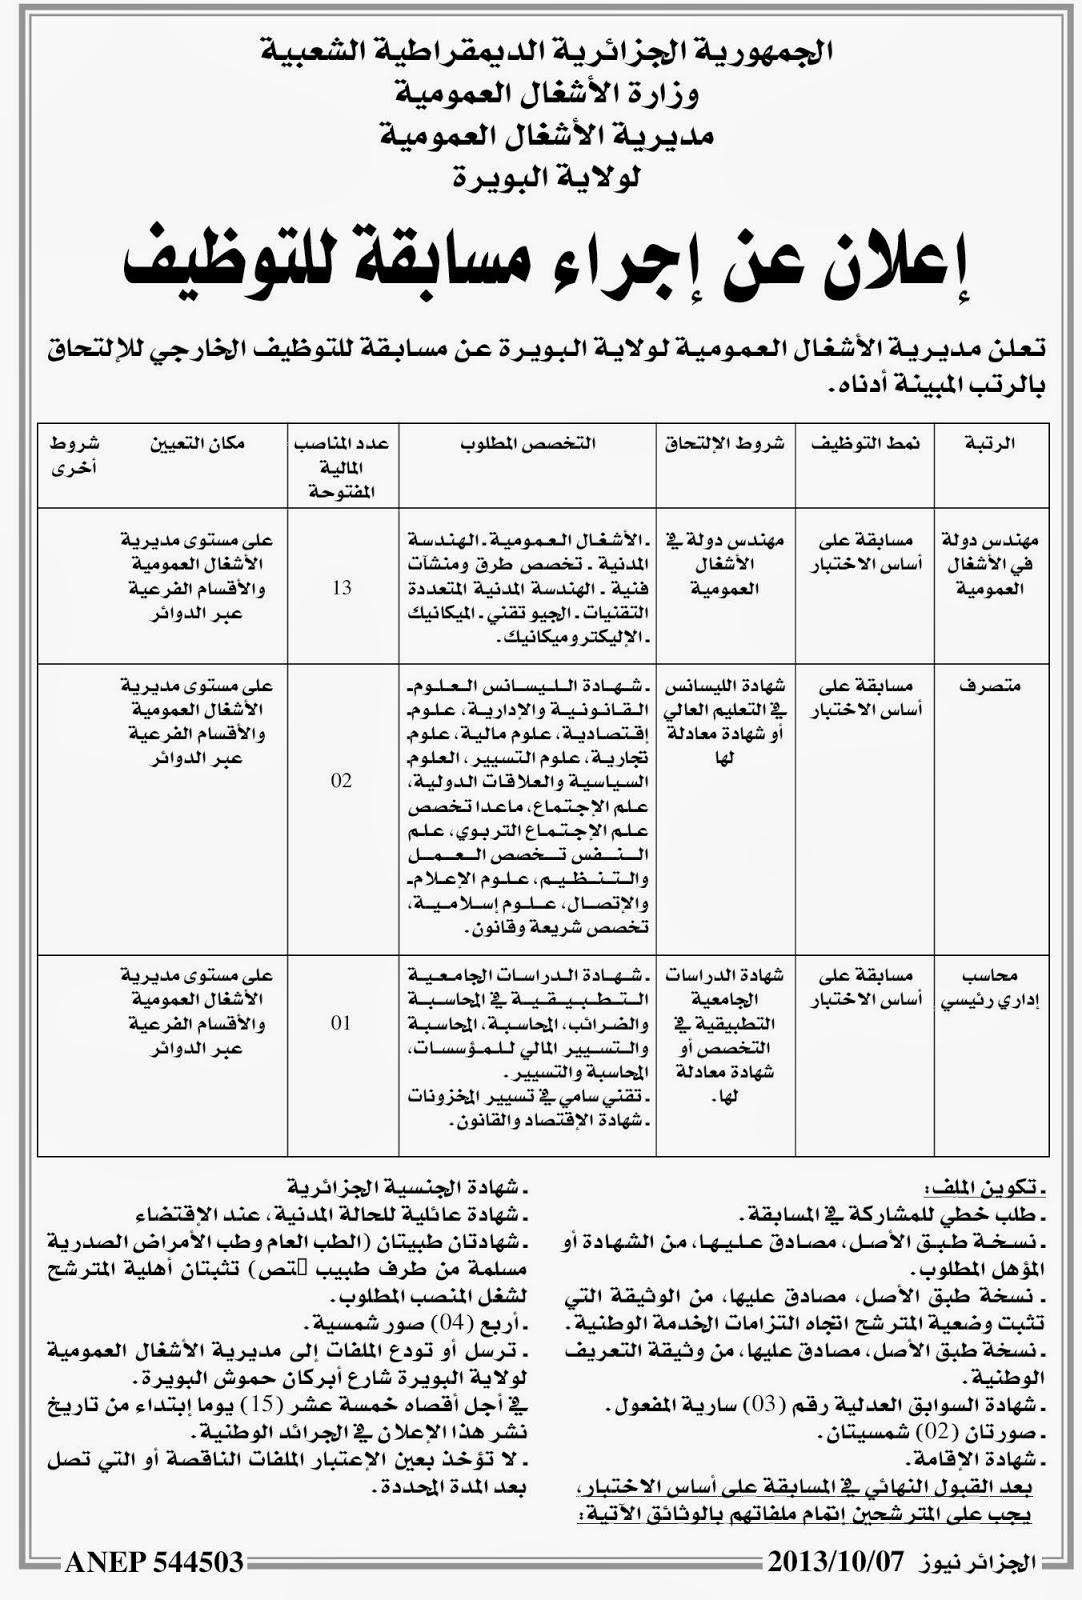 التوظيف في الجزائر : إعلان مسابقات توظيف في مديرية الأشغال العمومية لولاية البويرة أكتوبر 2013